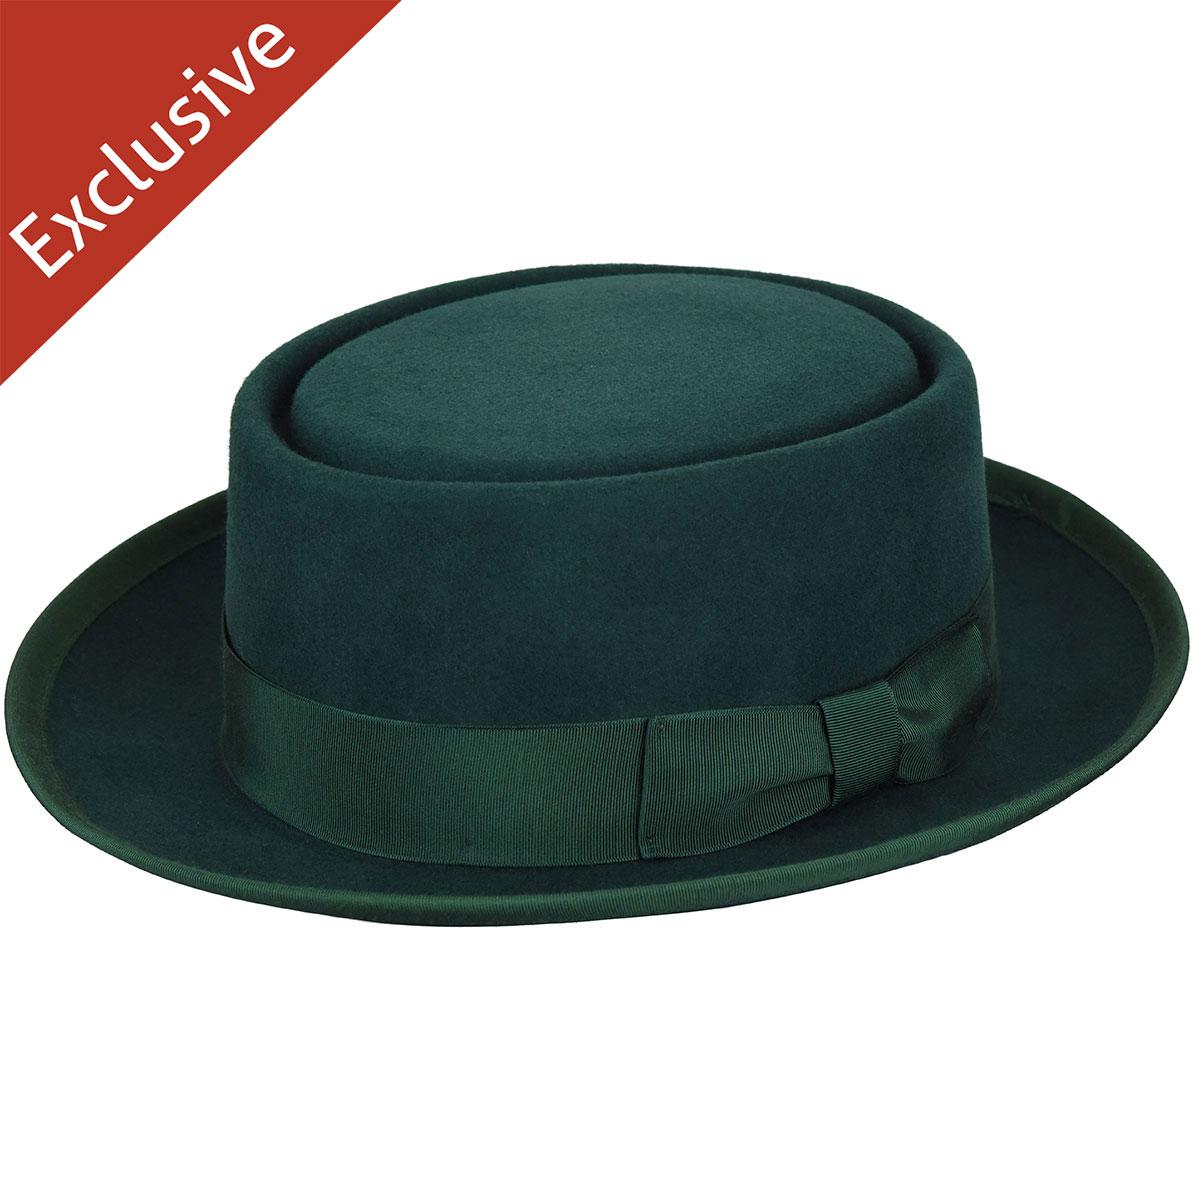 Hats.com Danger Pork Pie - Exclusive in Dark Green